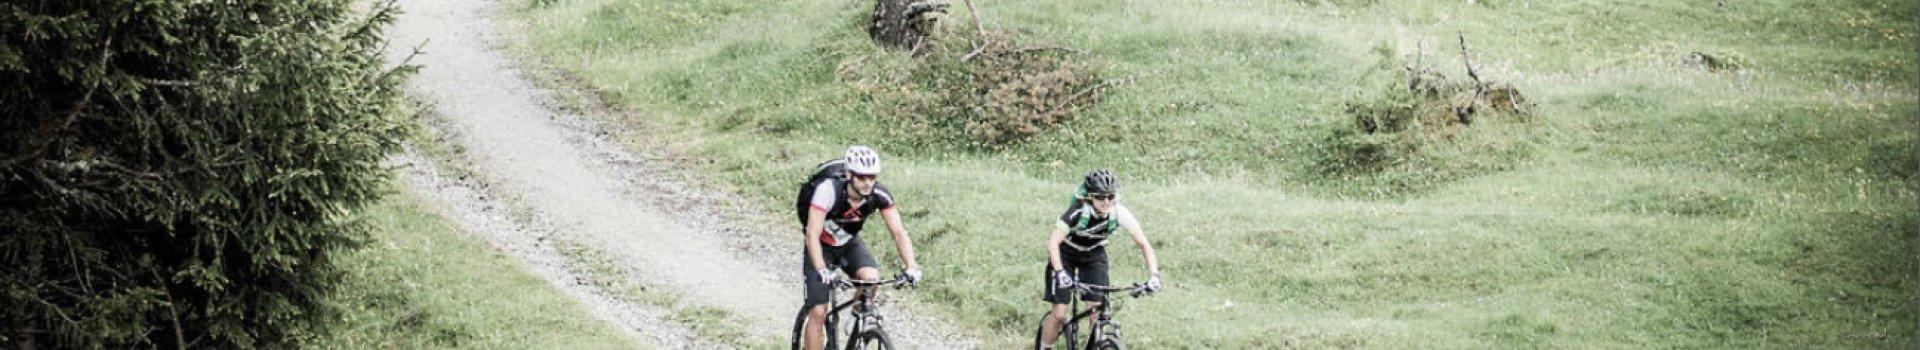 Rowery górskie Merida Matts i Juliet – idealne dla początkujących